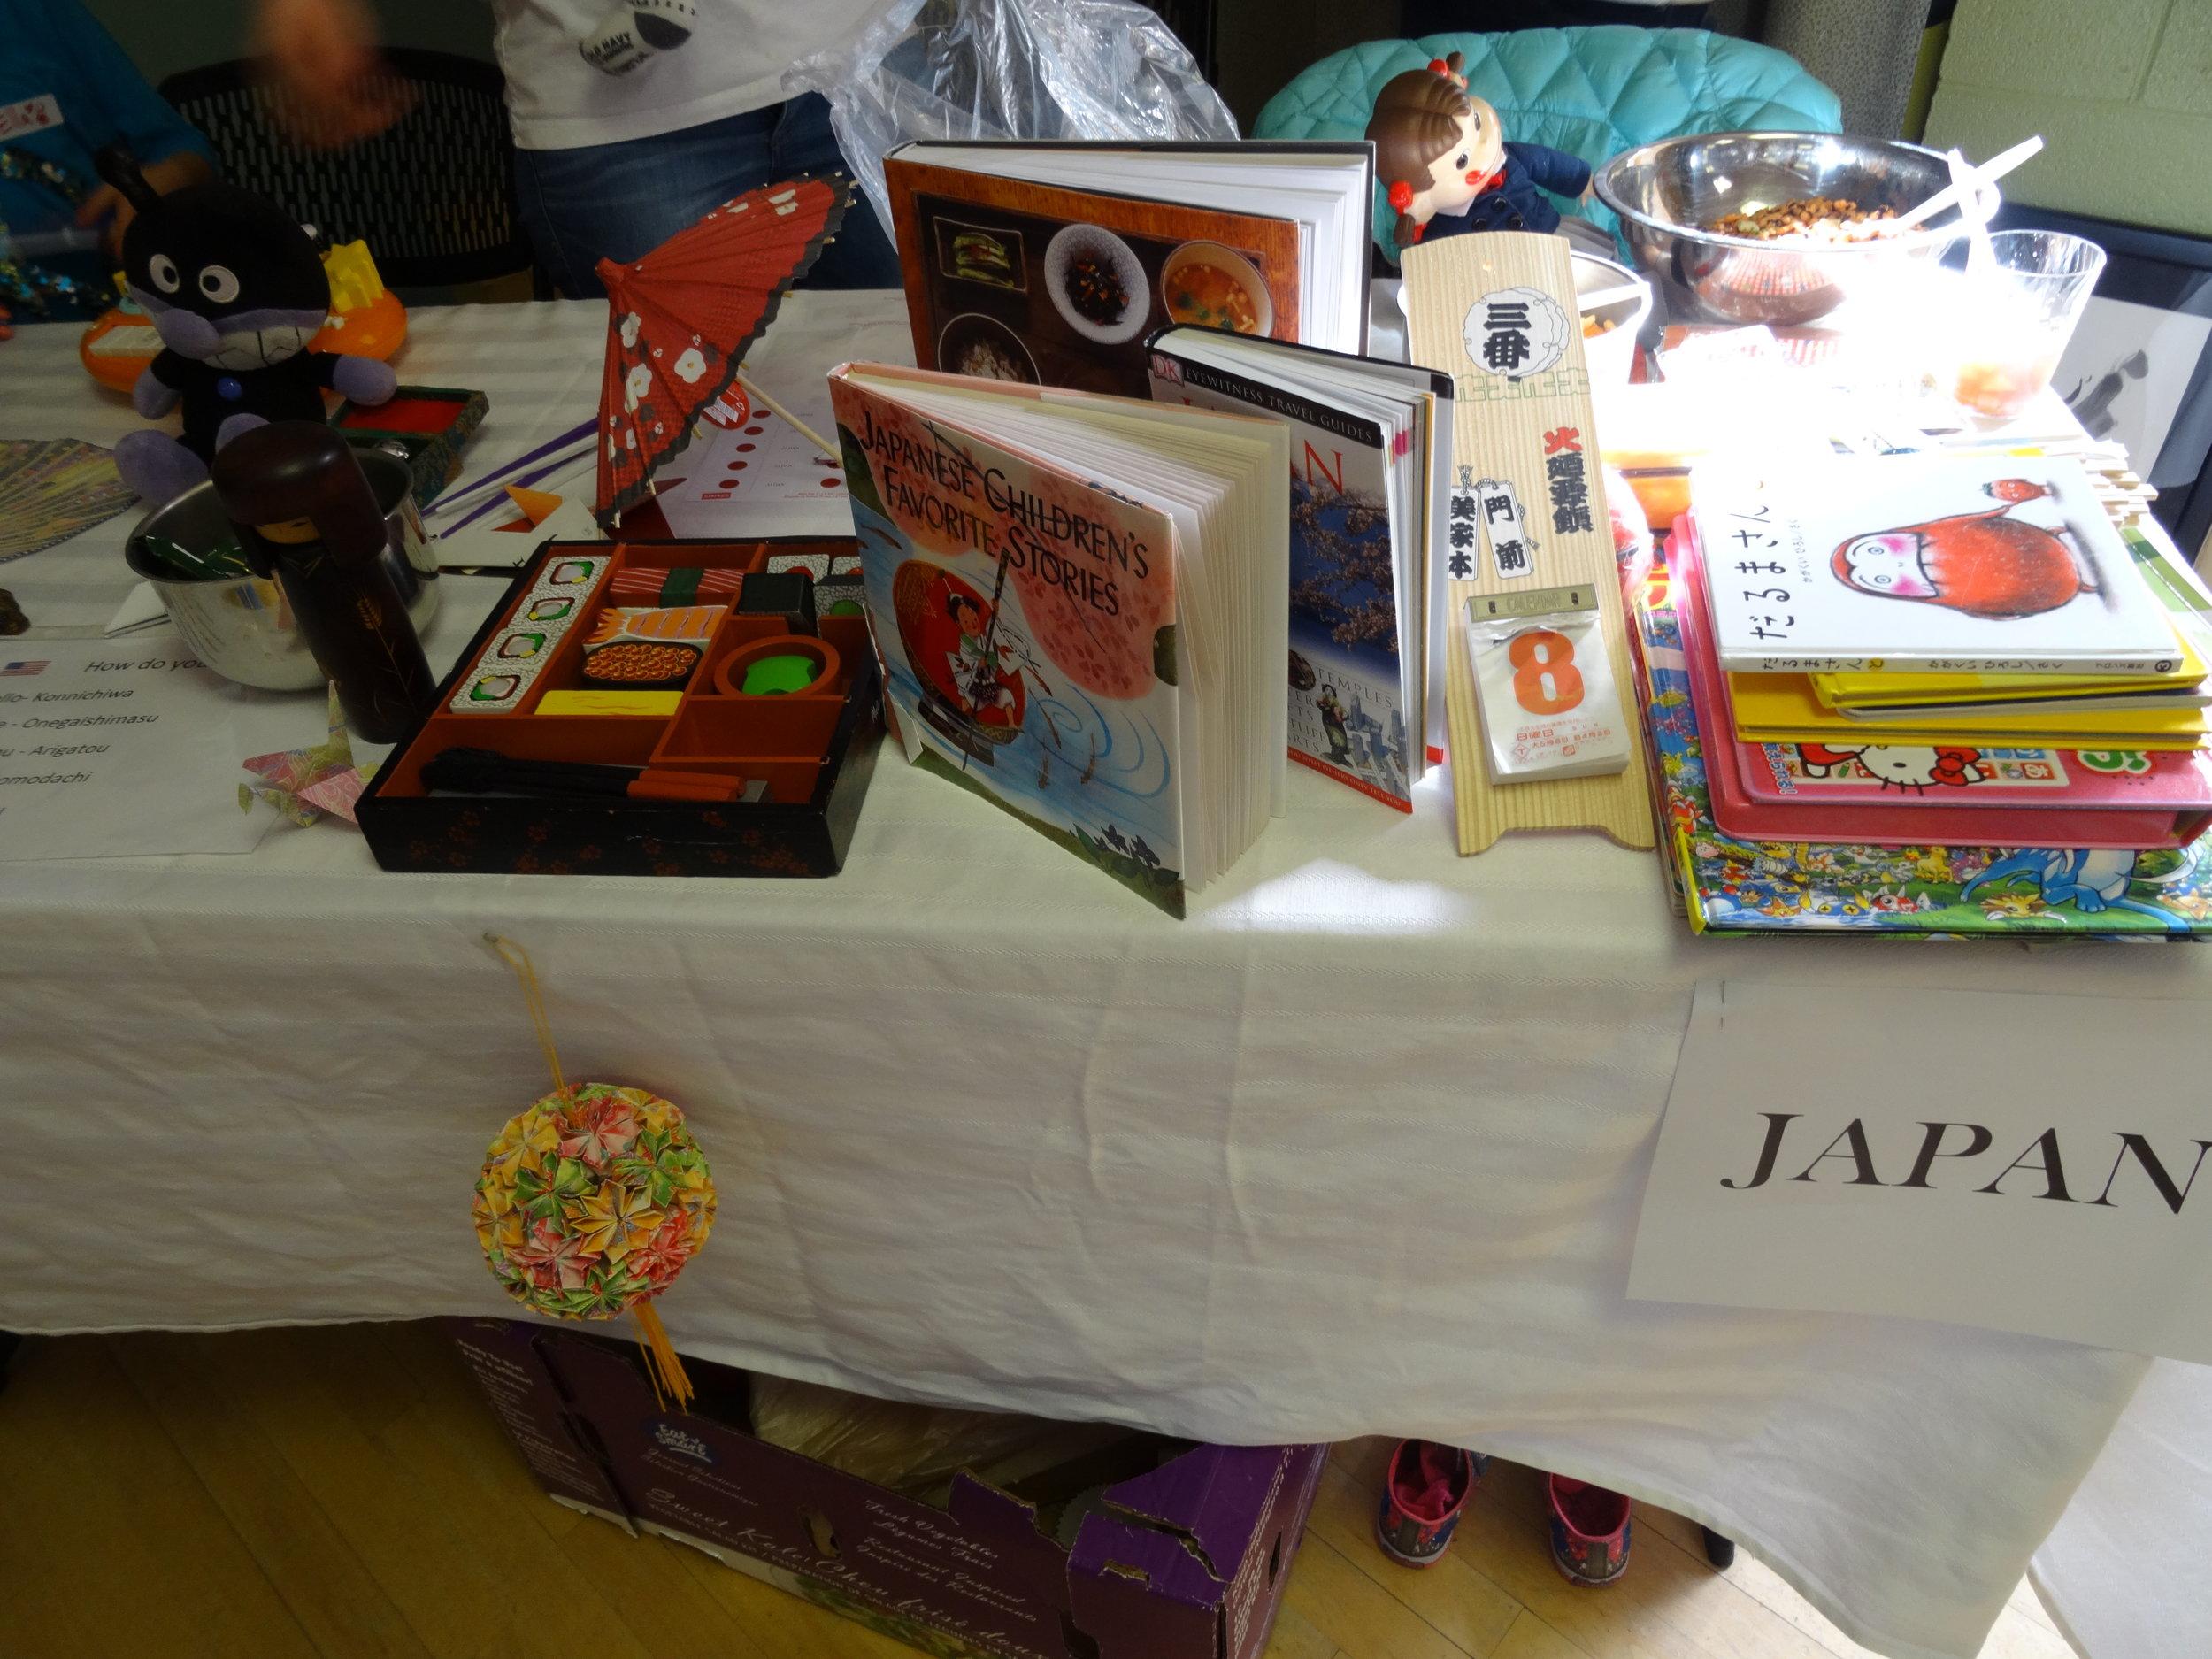 13_Japan table.JPG